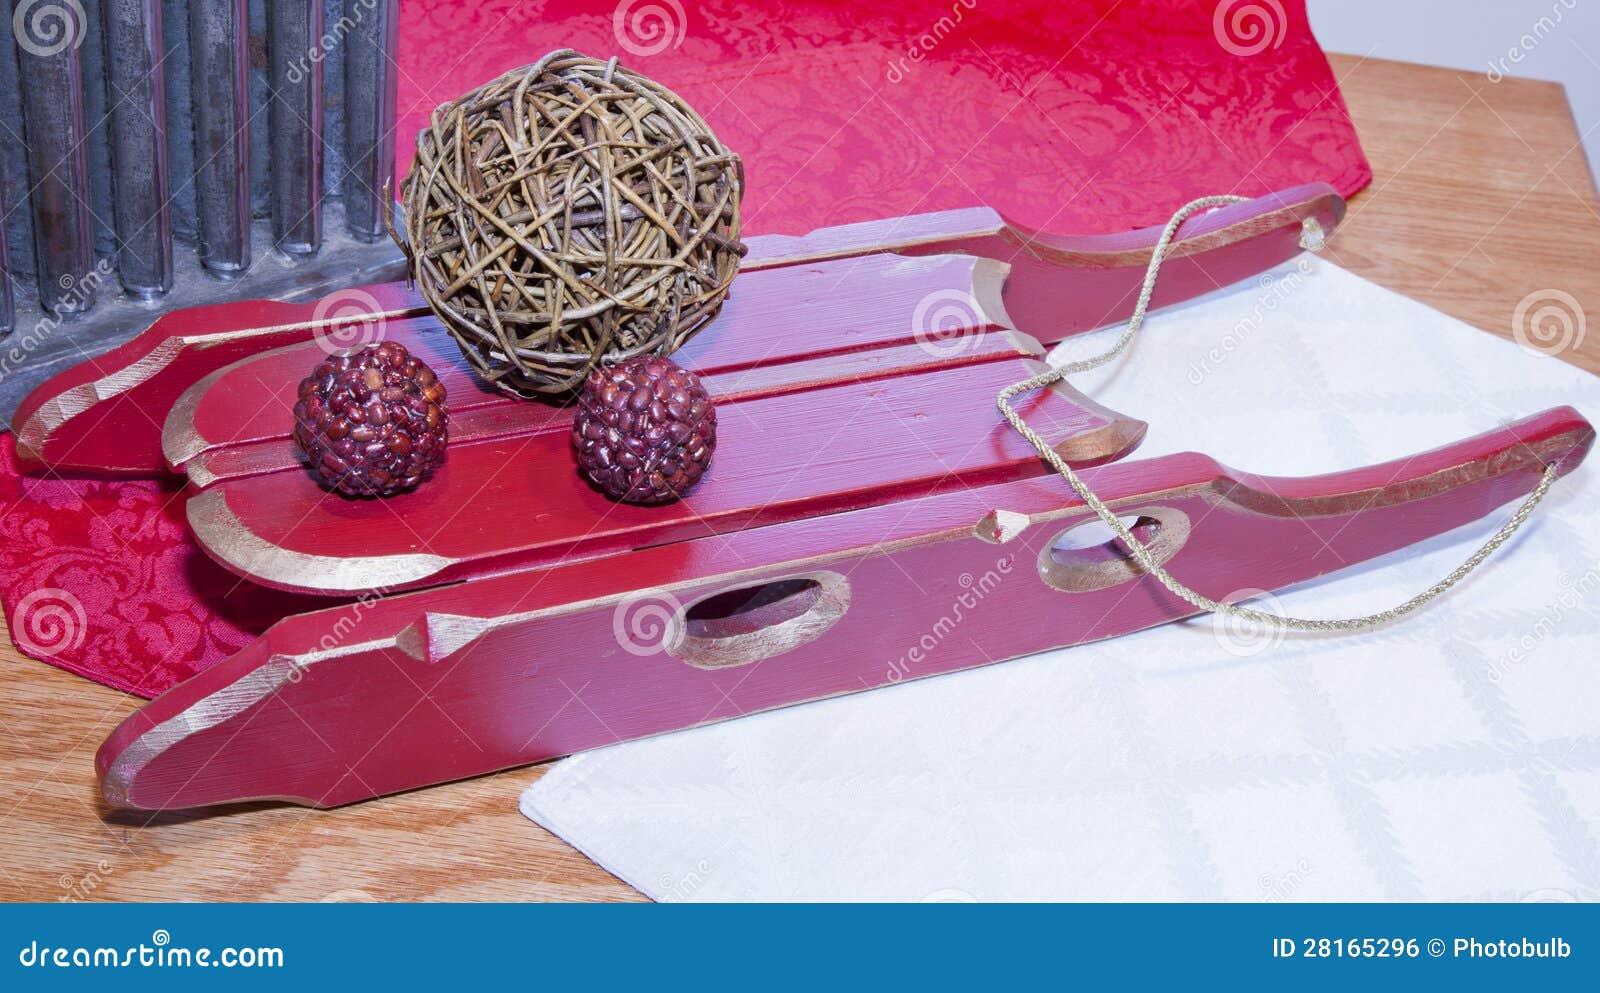 Trineo de madera hecho a mano de la navidad imagen de for Trineo madera decoracion